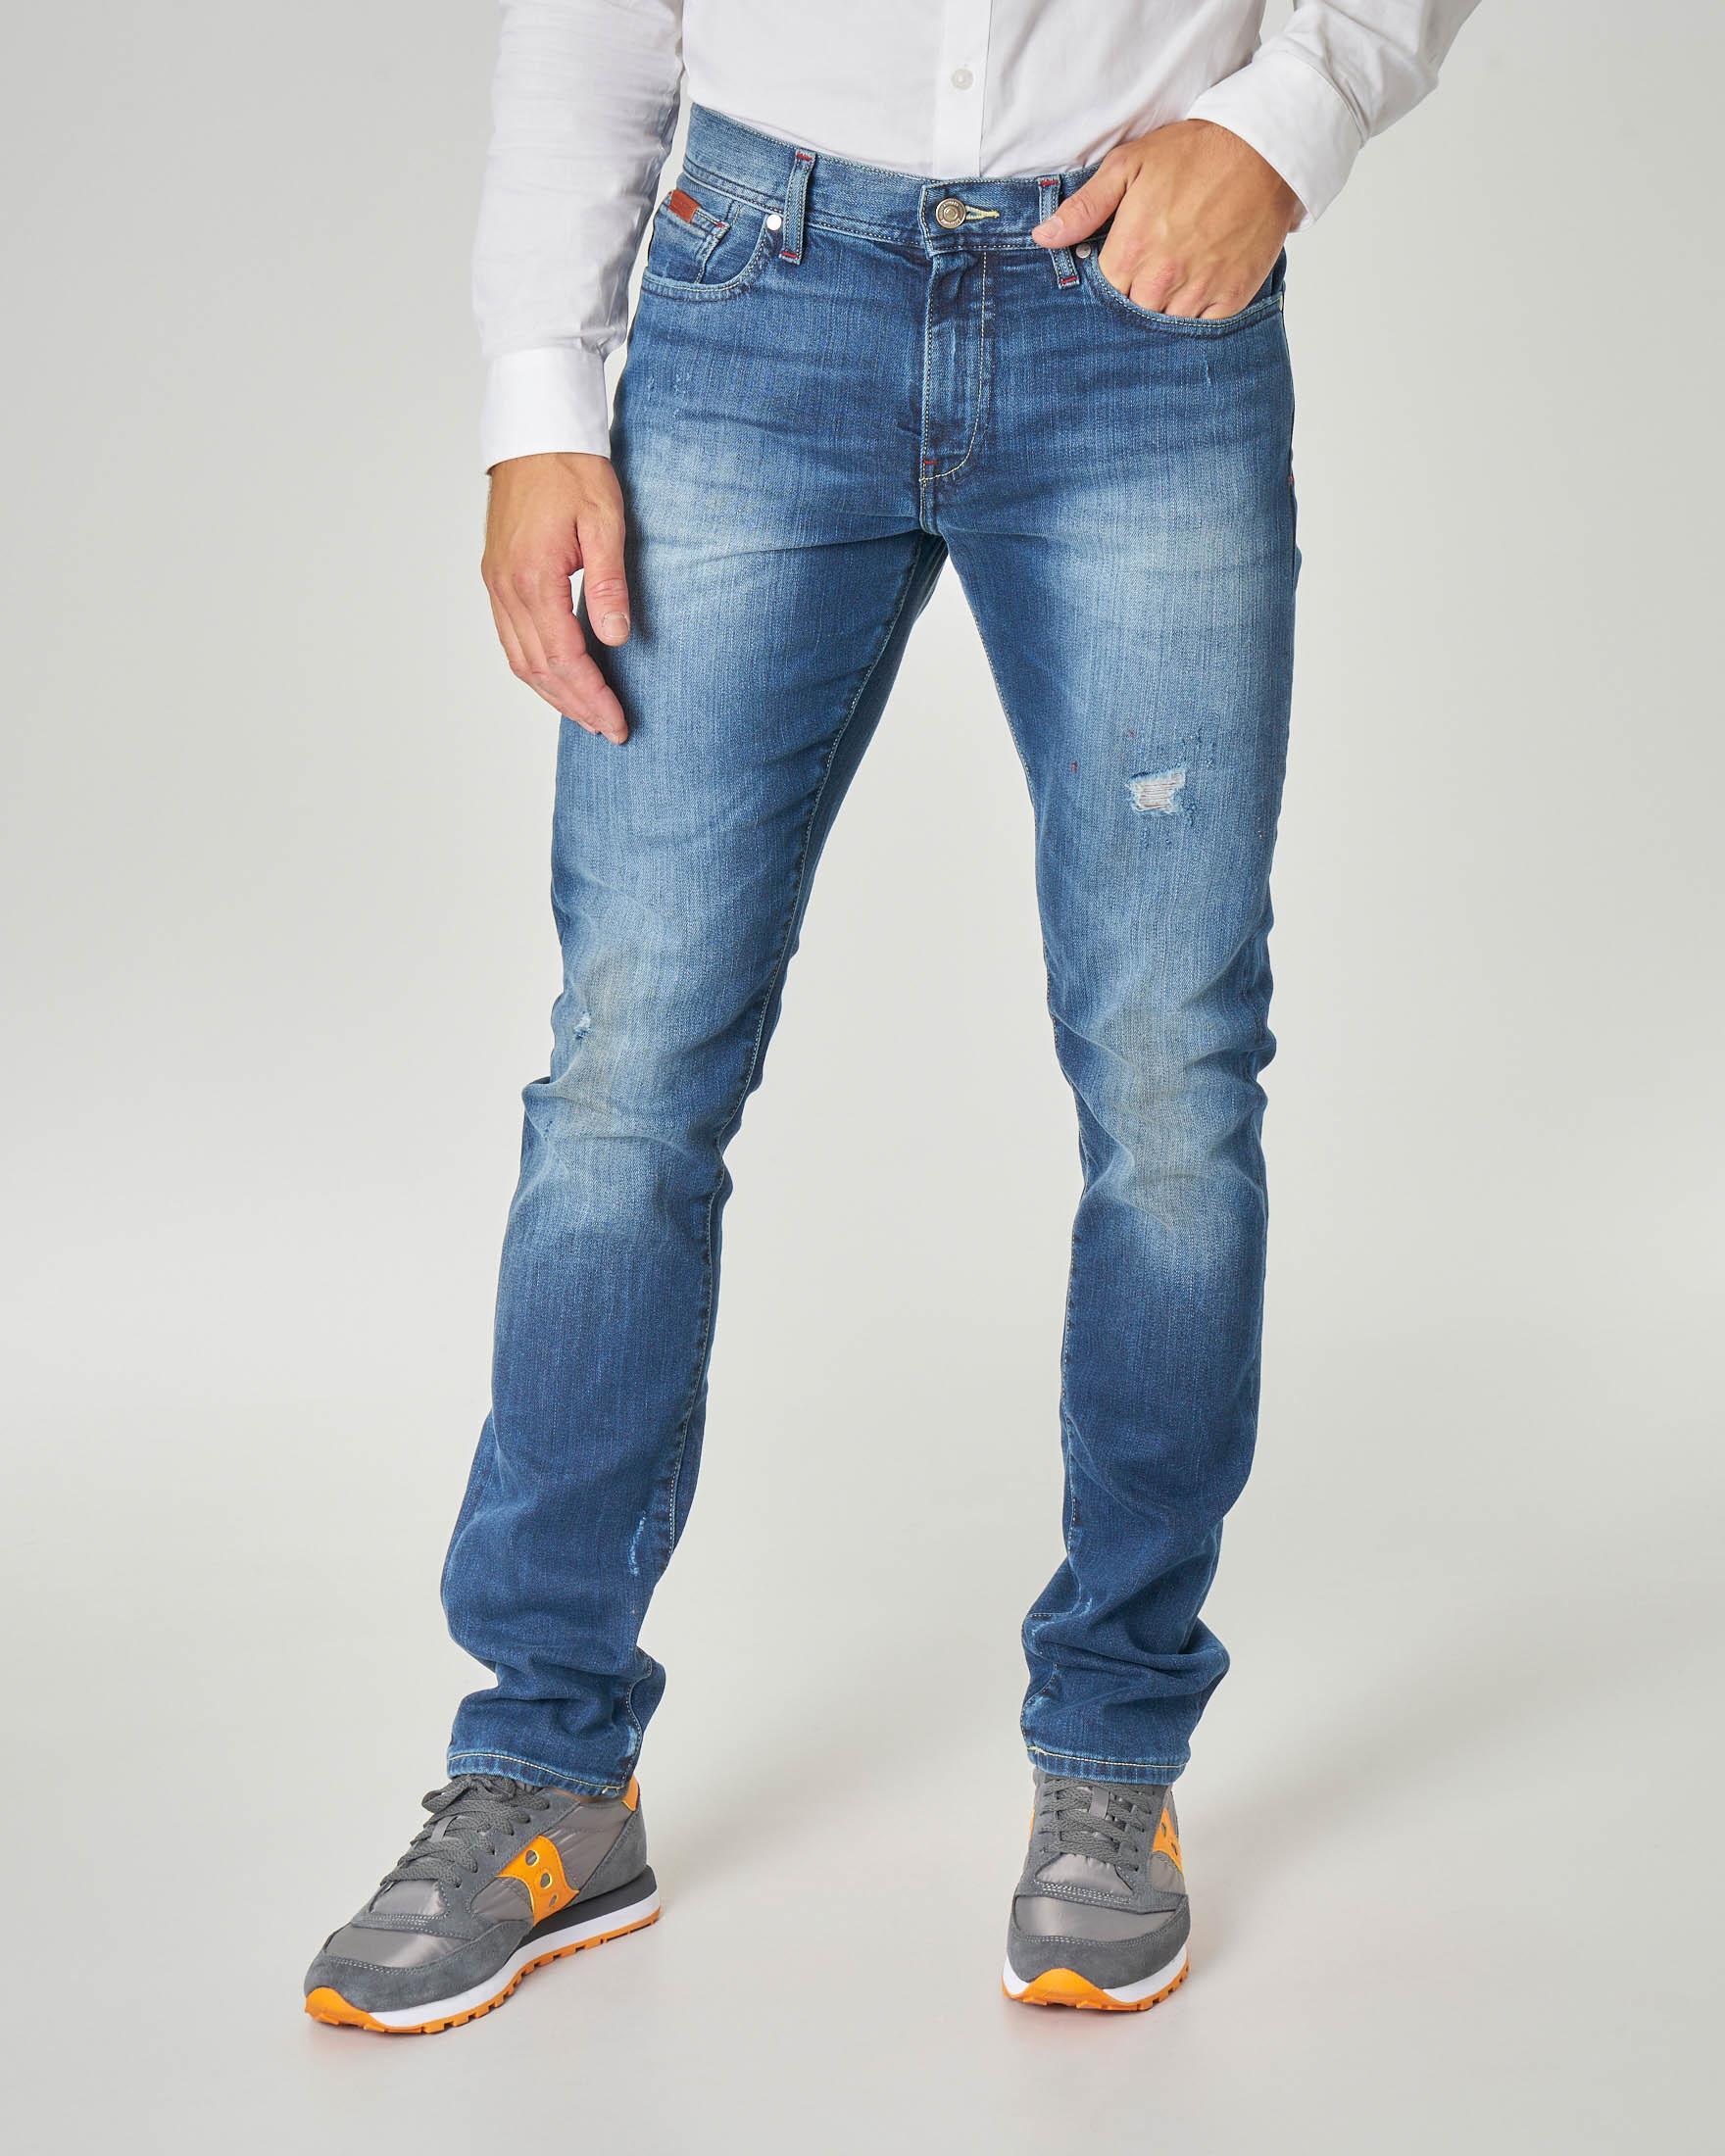 Jeans J13 lavaggio stone wash con abrasioni in cotone stretch